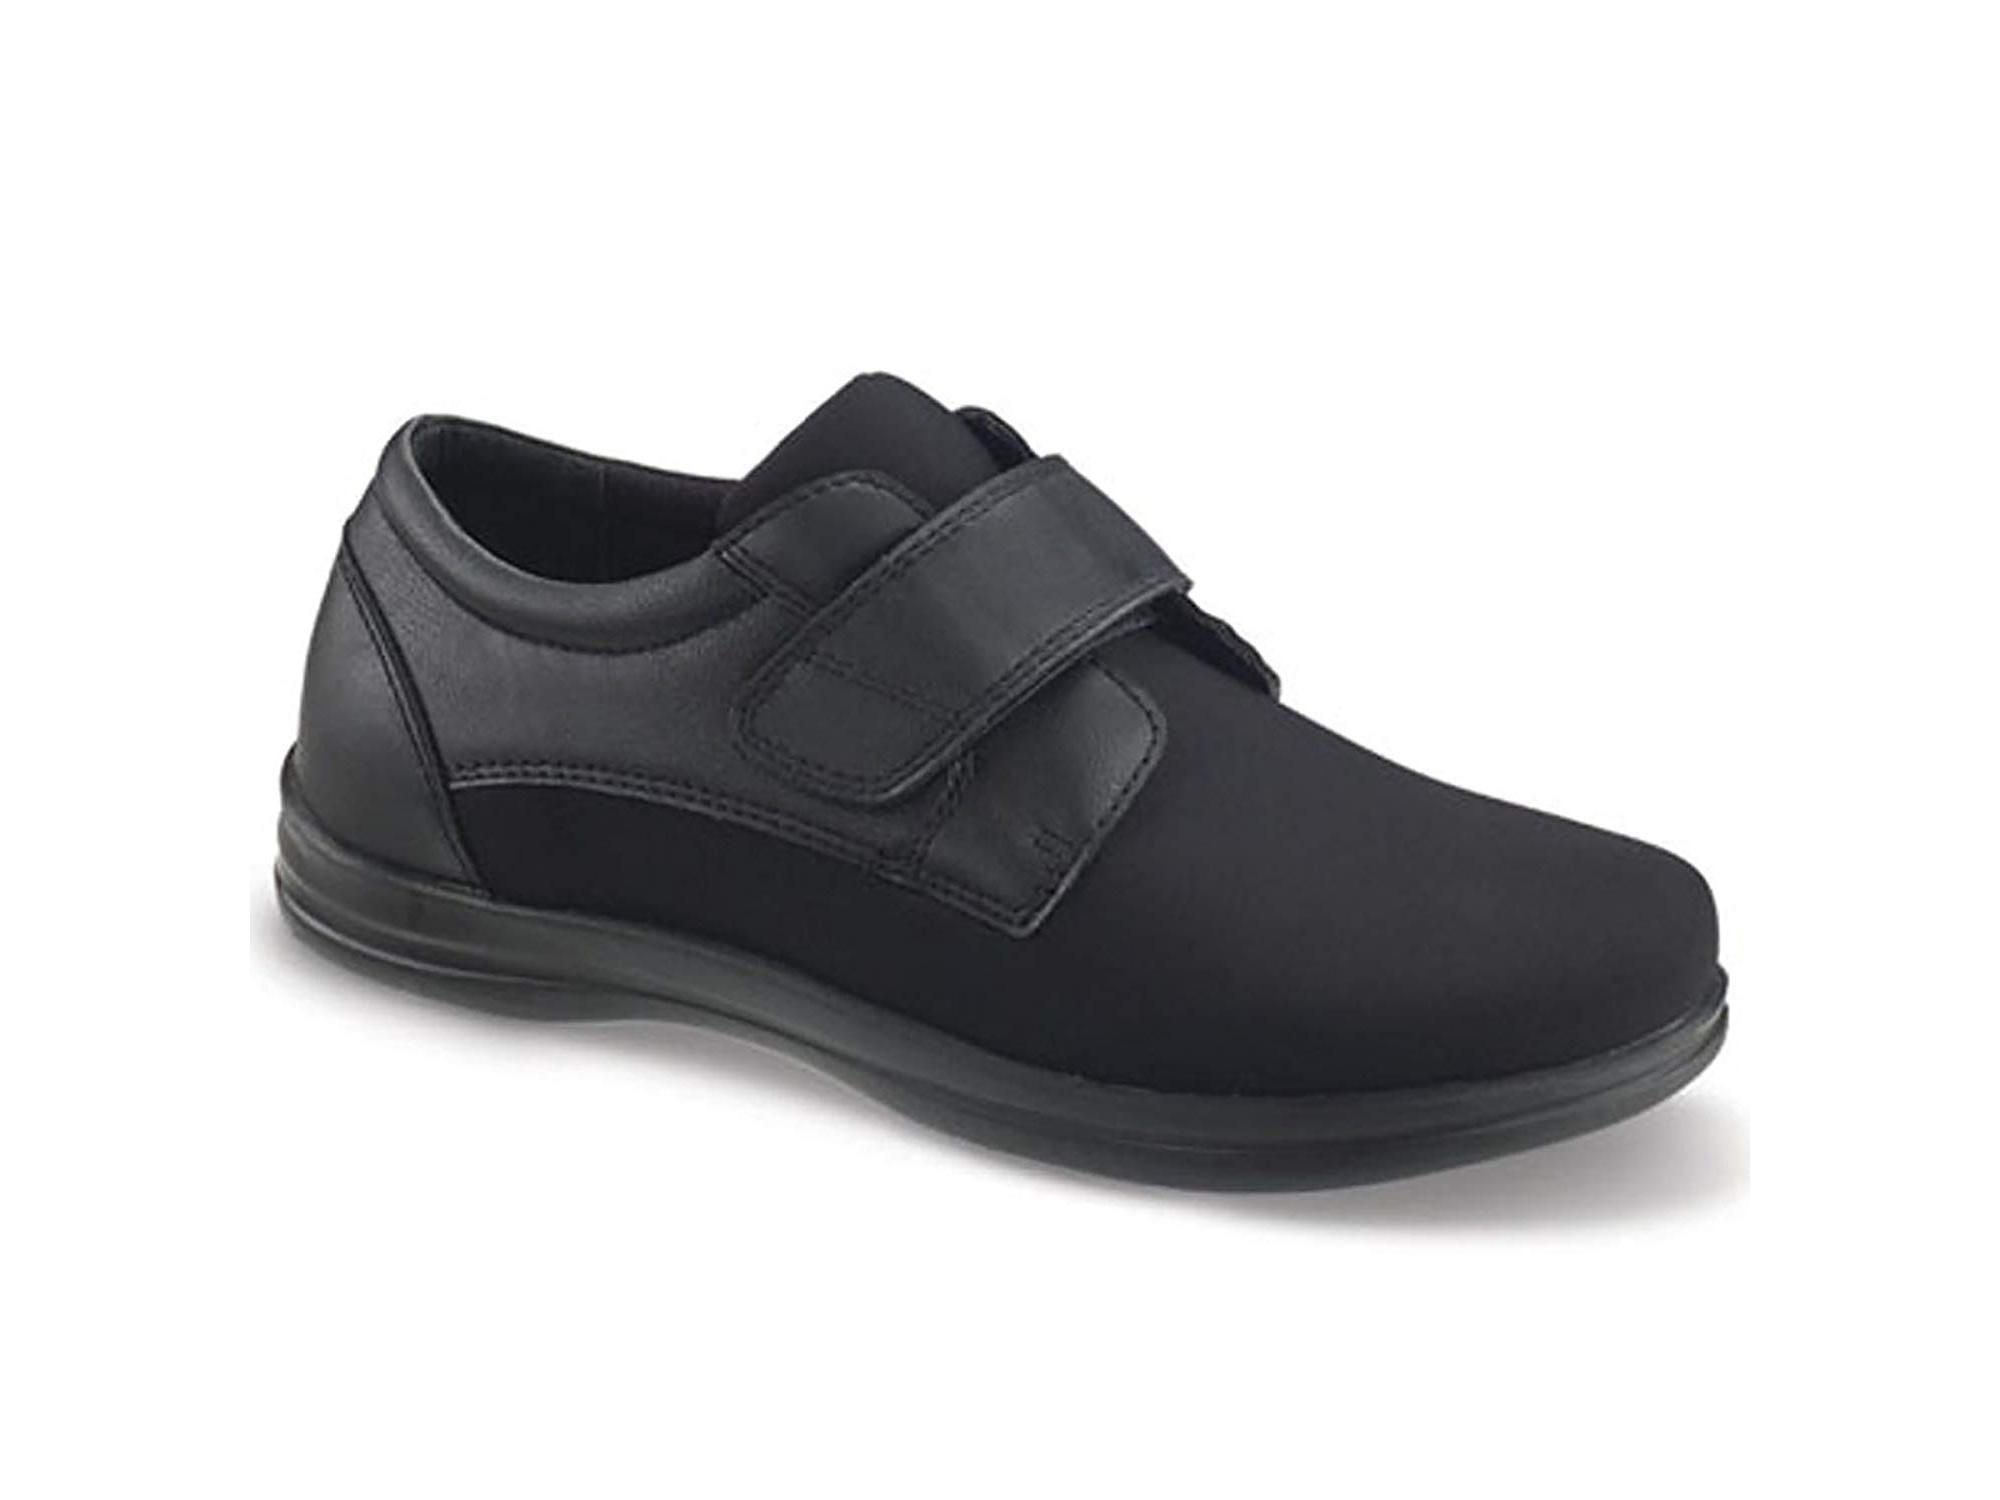 Apex Women's A3000WX09 Oxford Flat, Black, Size 10.0